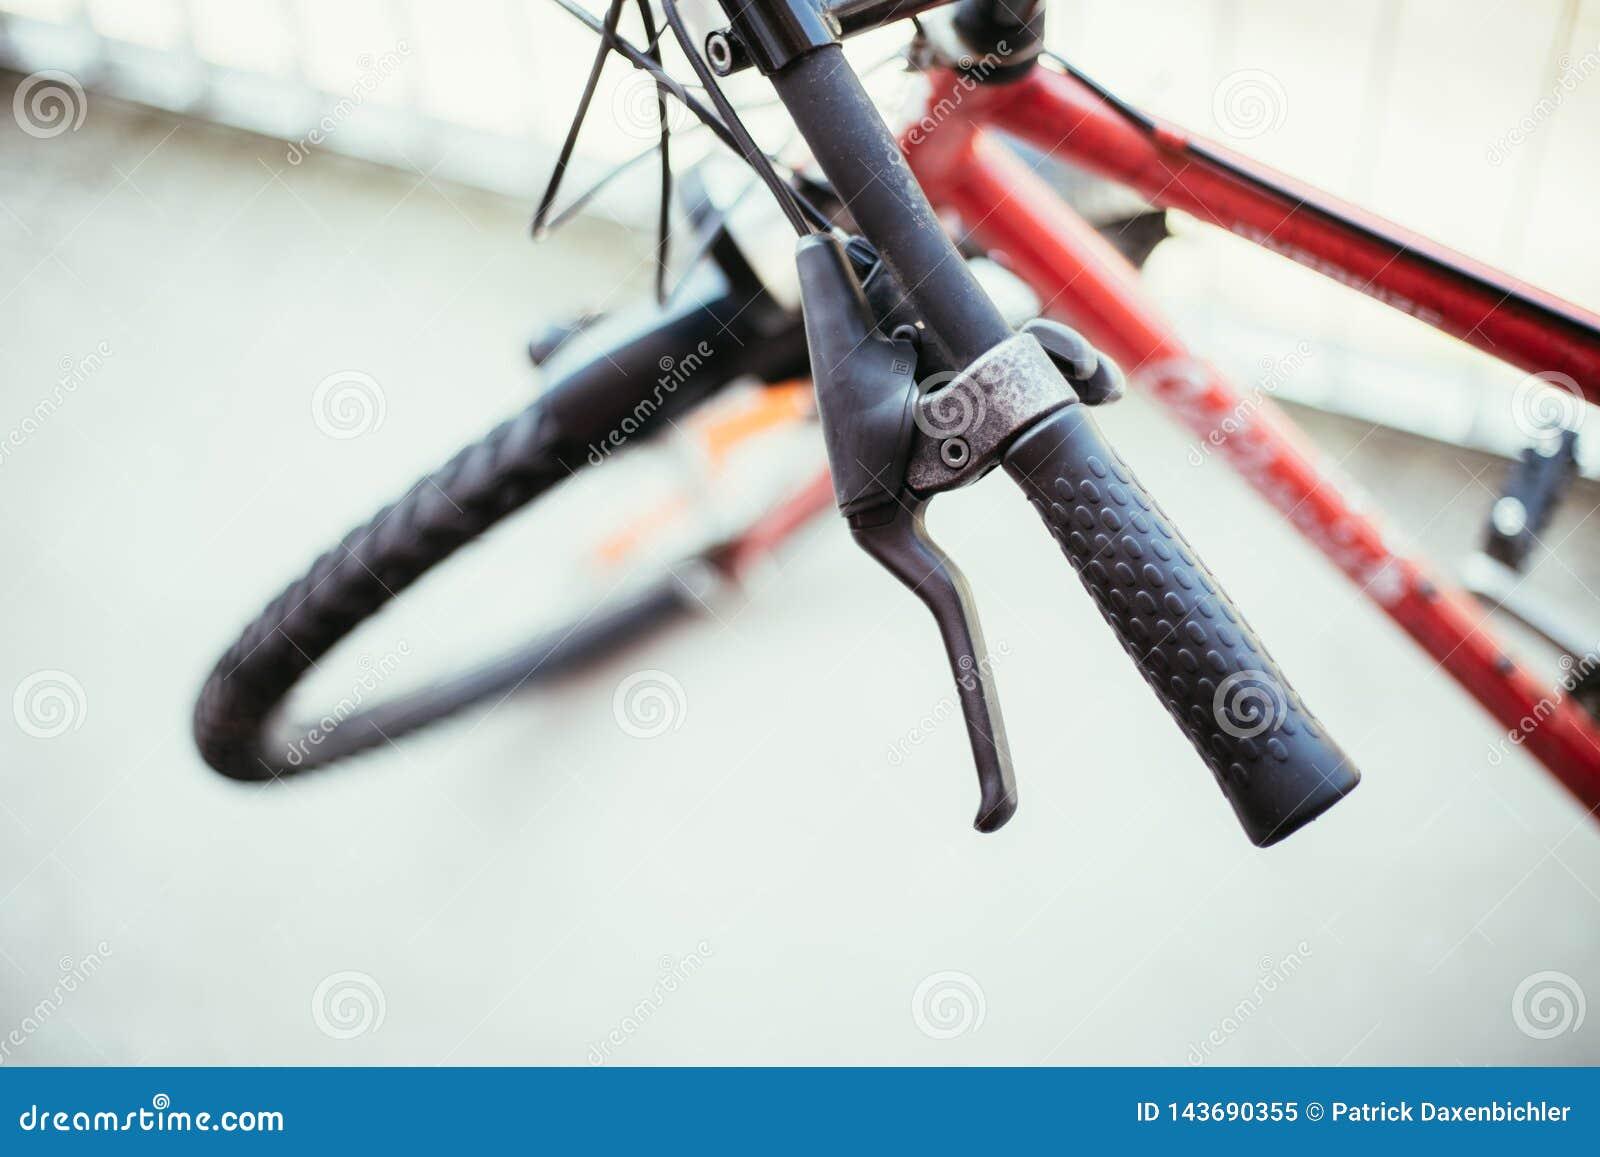 Vada in bicicletta il manubrio e le rotture, la riparazione della bici, fondo vago